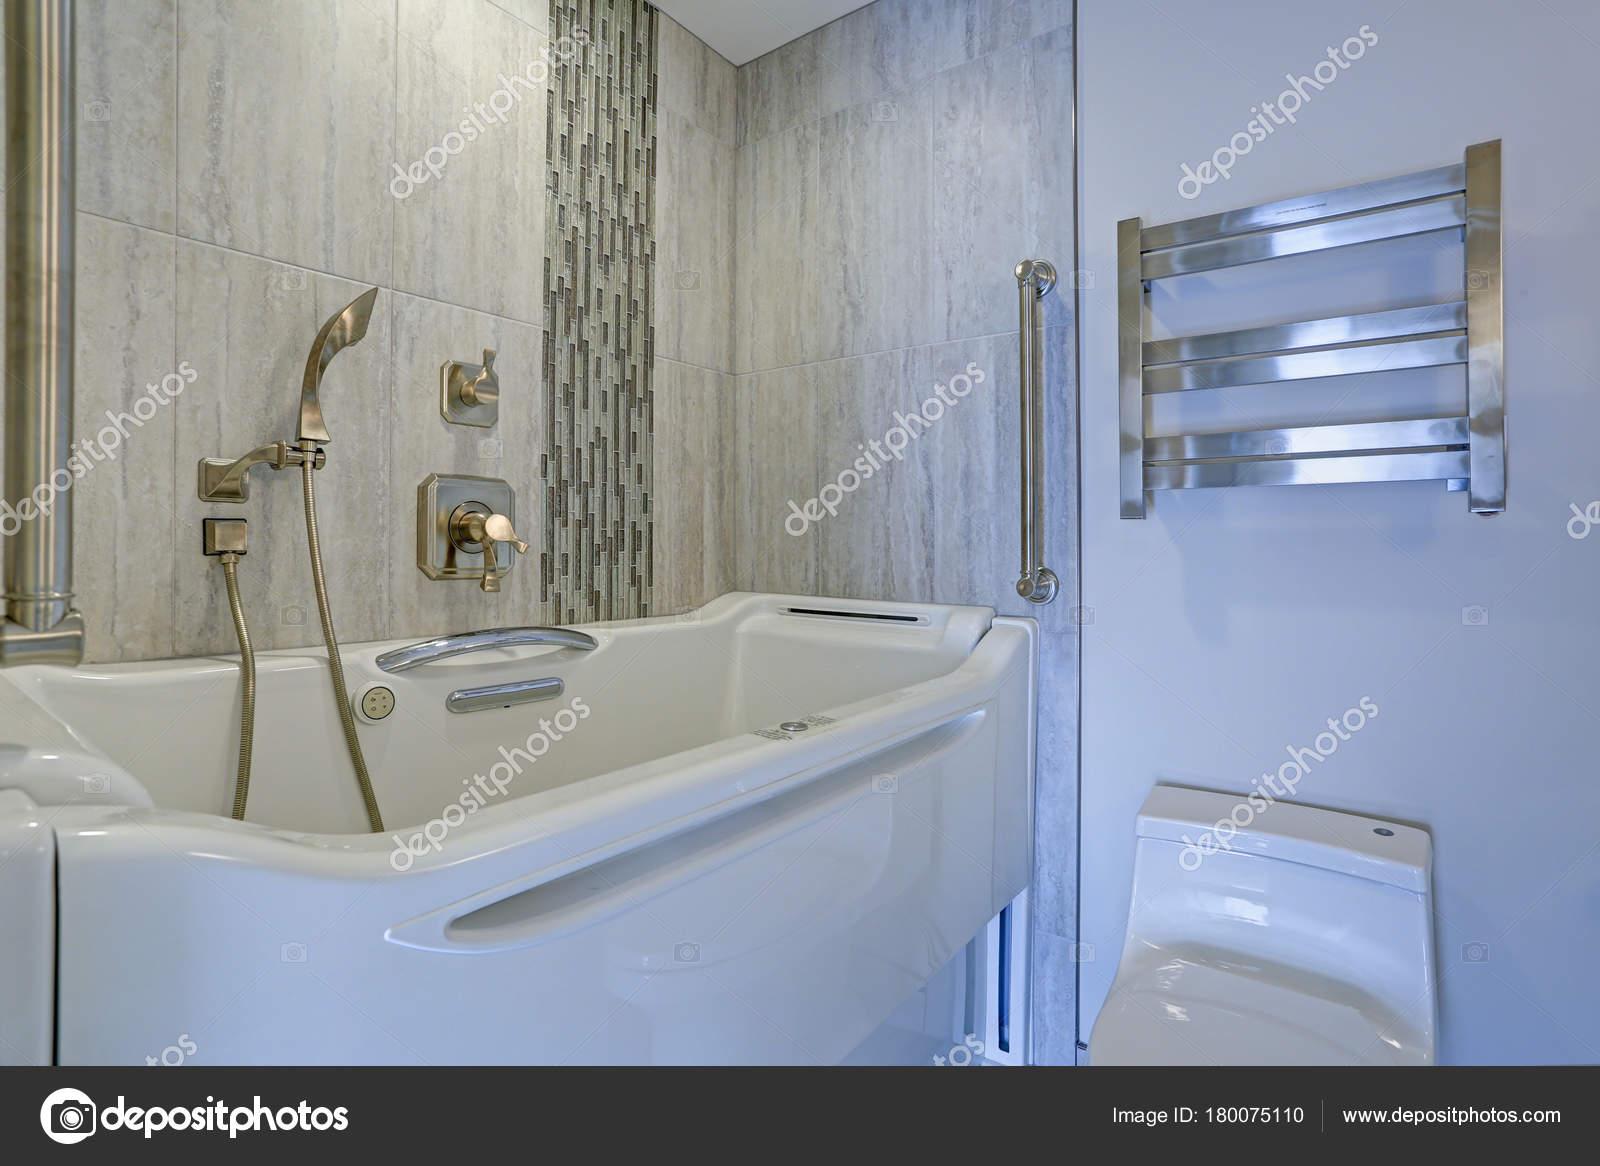 Jacuzzi ducha vertical dise o de ba o moderno con ba era for Banos modernos con banera